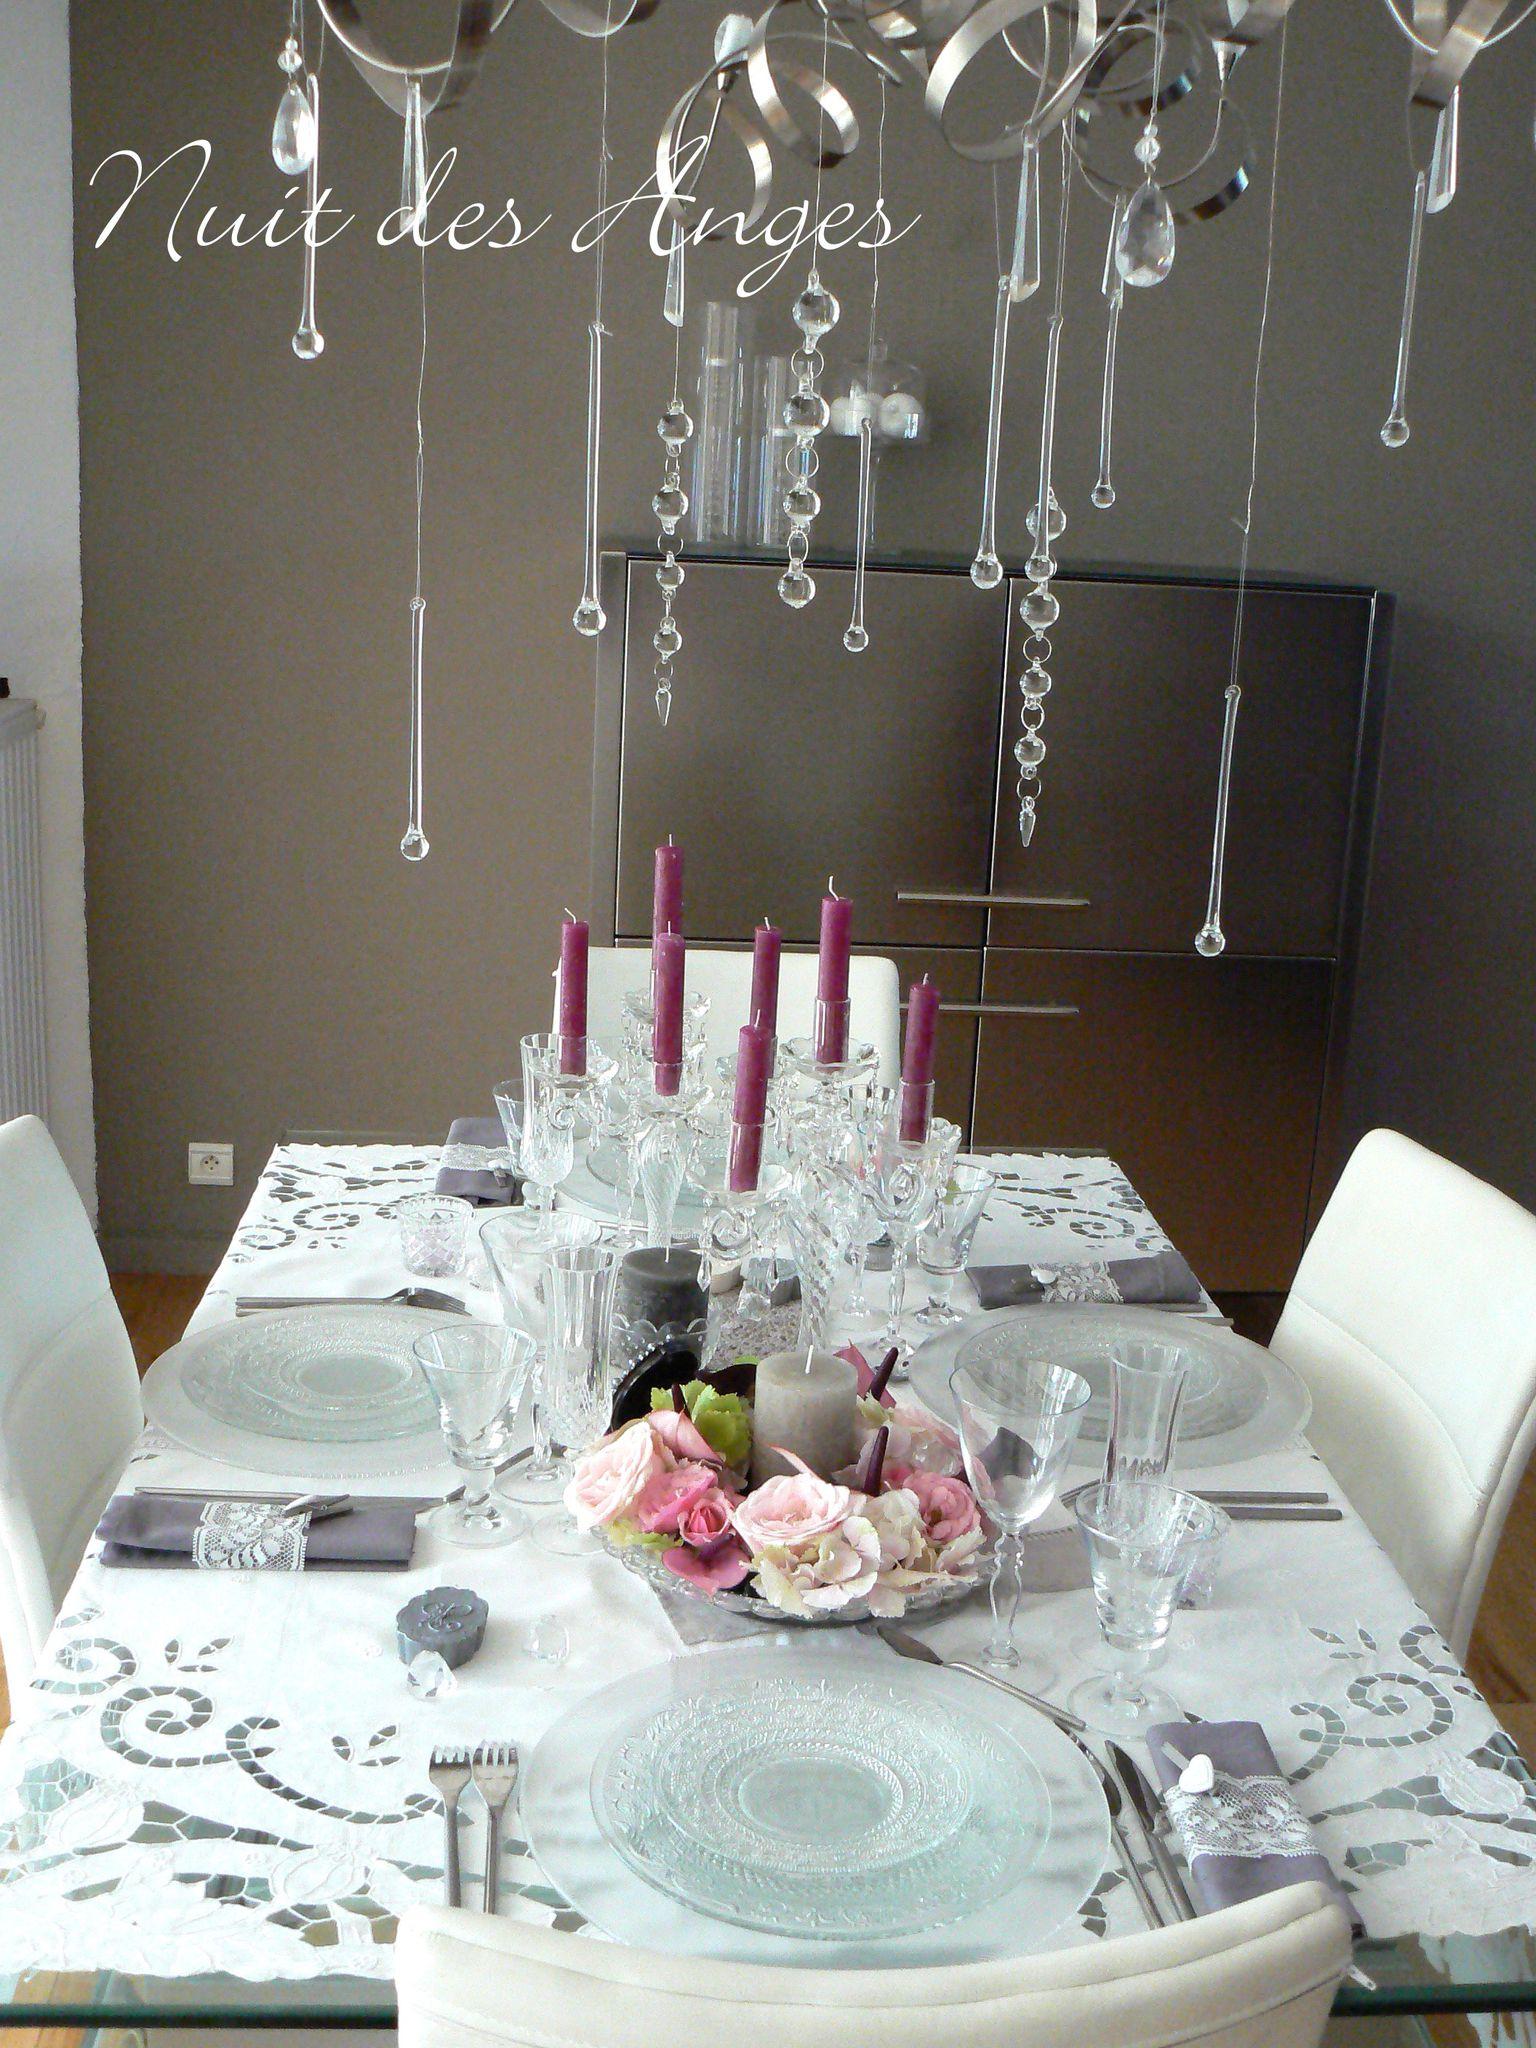 Nuit Des Anges Décoratrice De Mariage Décoration De Table Féérique  Romantique 001